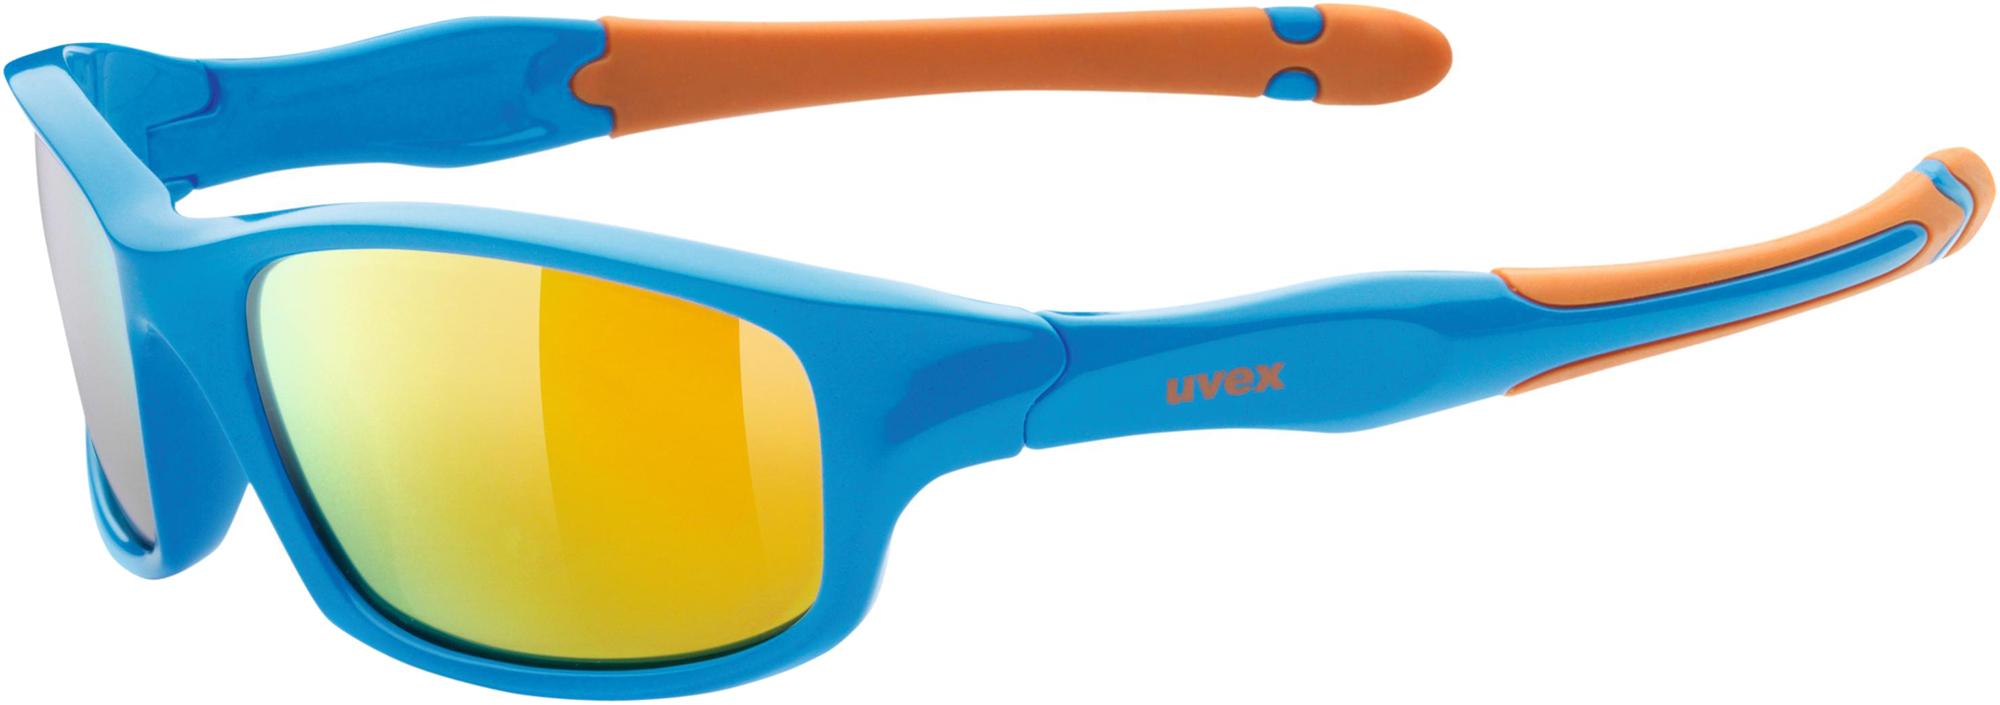 Фото - Uvex Солнцезащитные очки детские Uvex Sportstyle 507 cолнцезащитные очки real kids детские серф оранжевые 7surnor